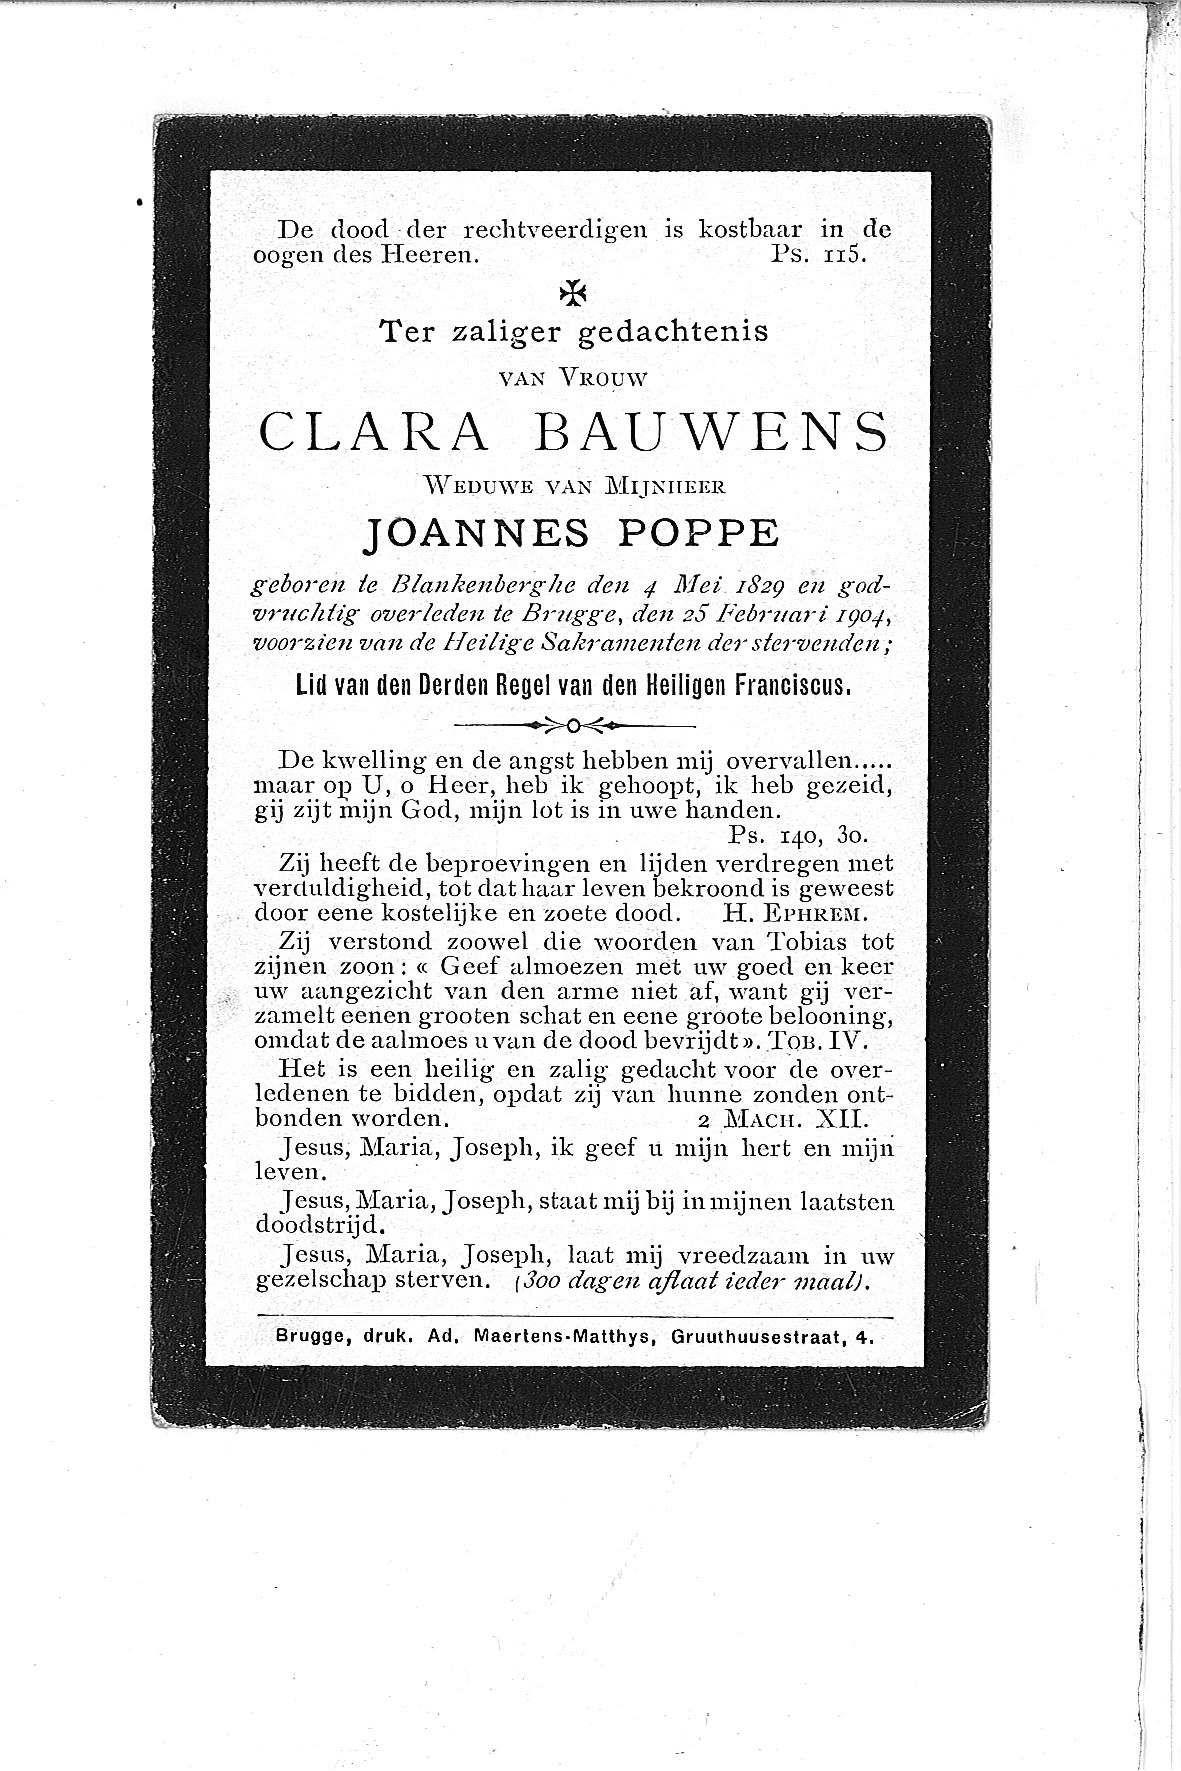 Clara(1904)20101026103900_00014.jpg